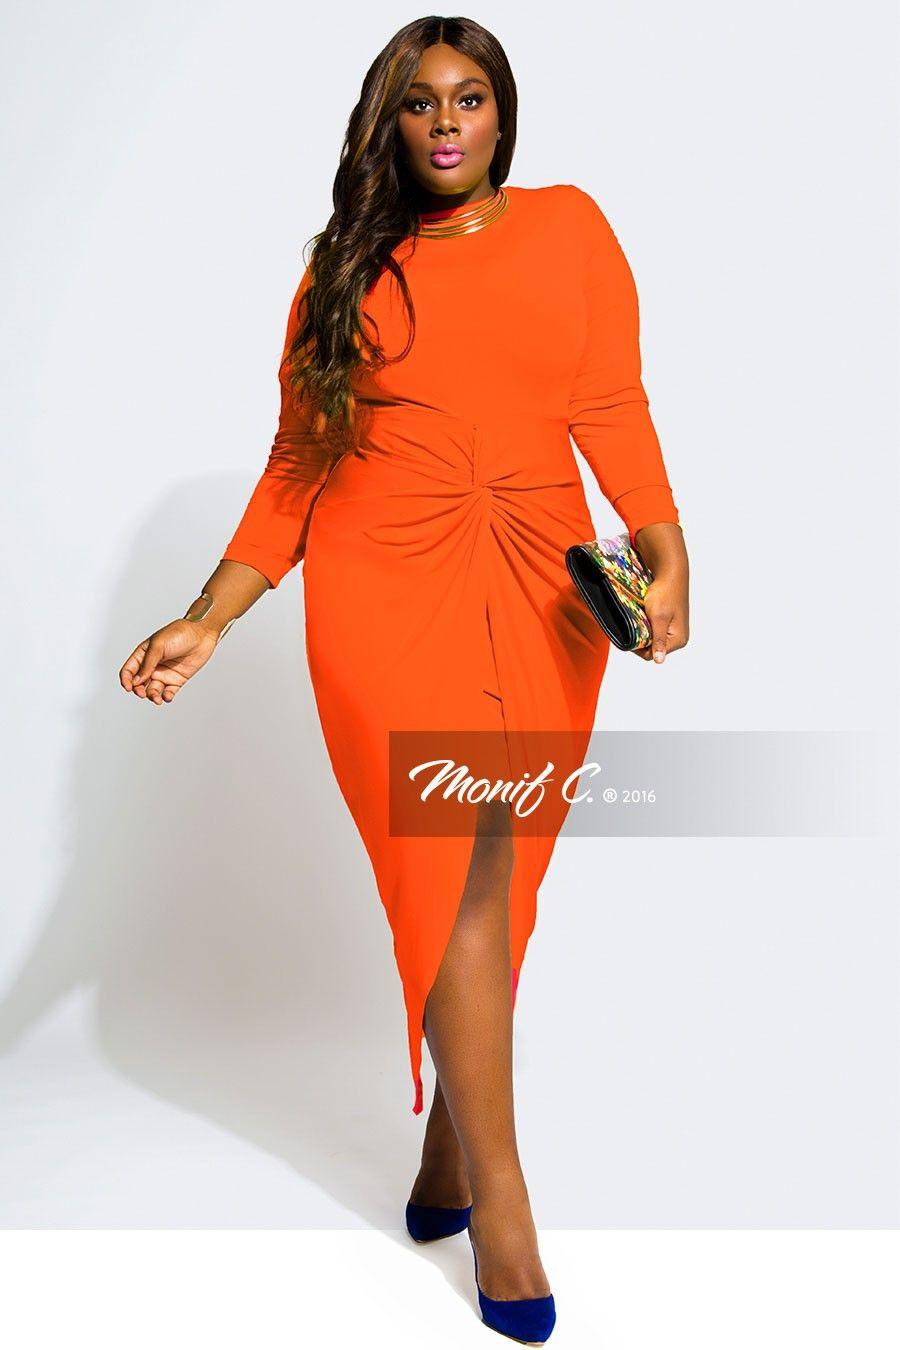 Gigi Knotted Plus Size Dresses - Orange - Monif C | me shop ...